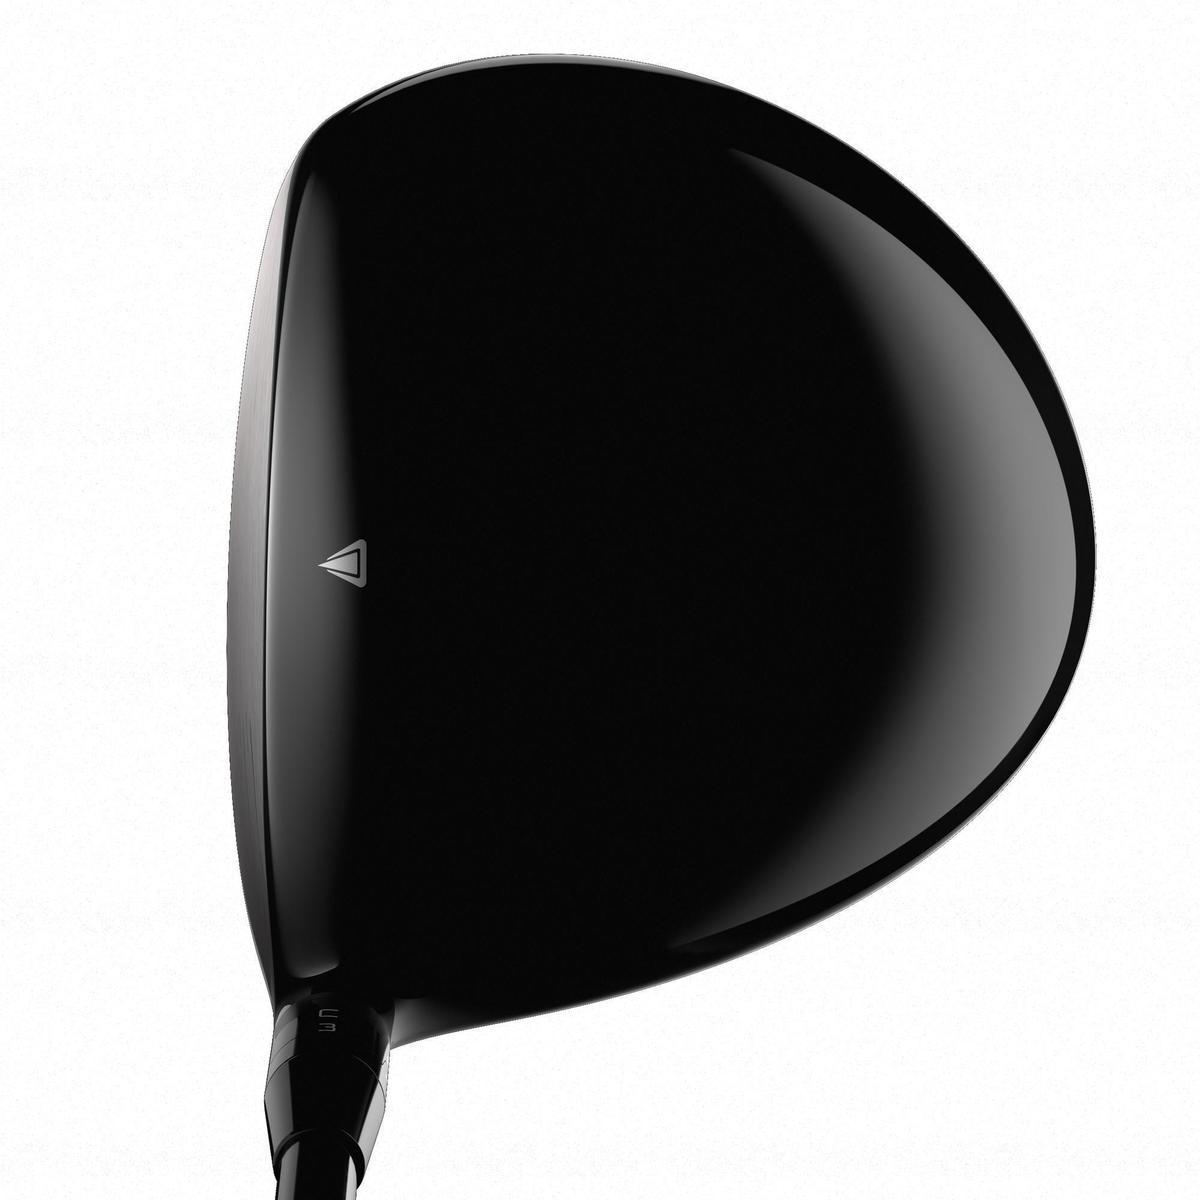 Bild 4 von Golf Driver TS2 10,5° RH Regular Herren